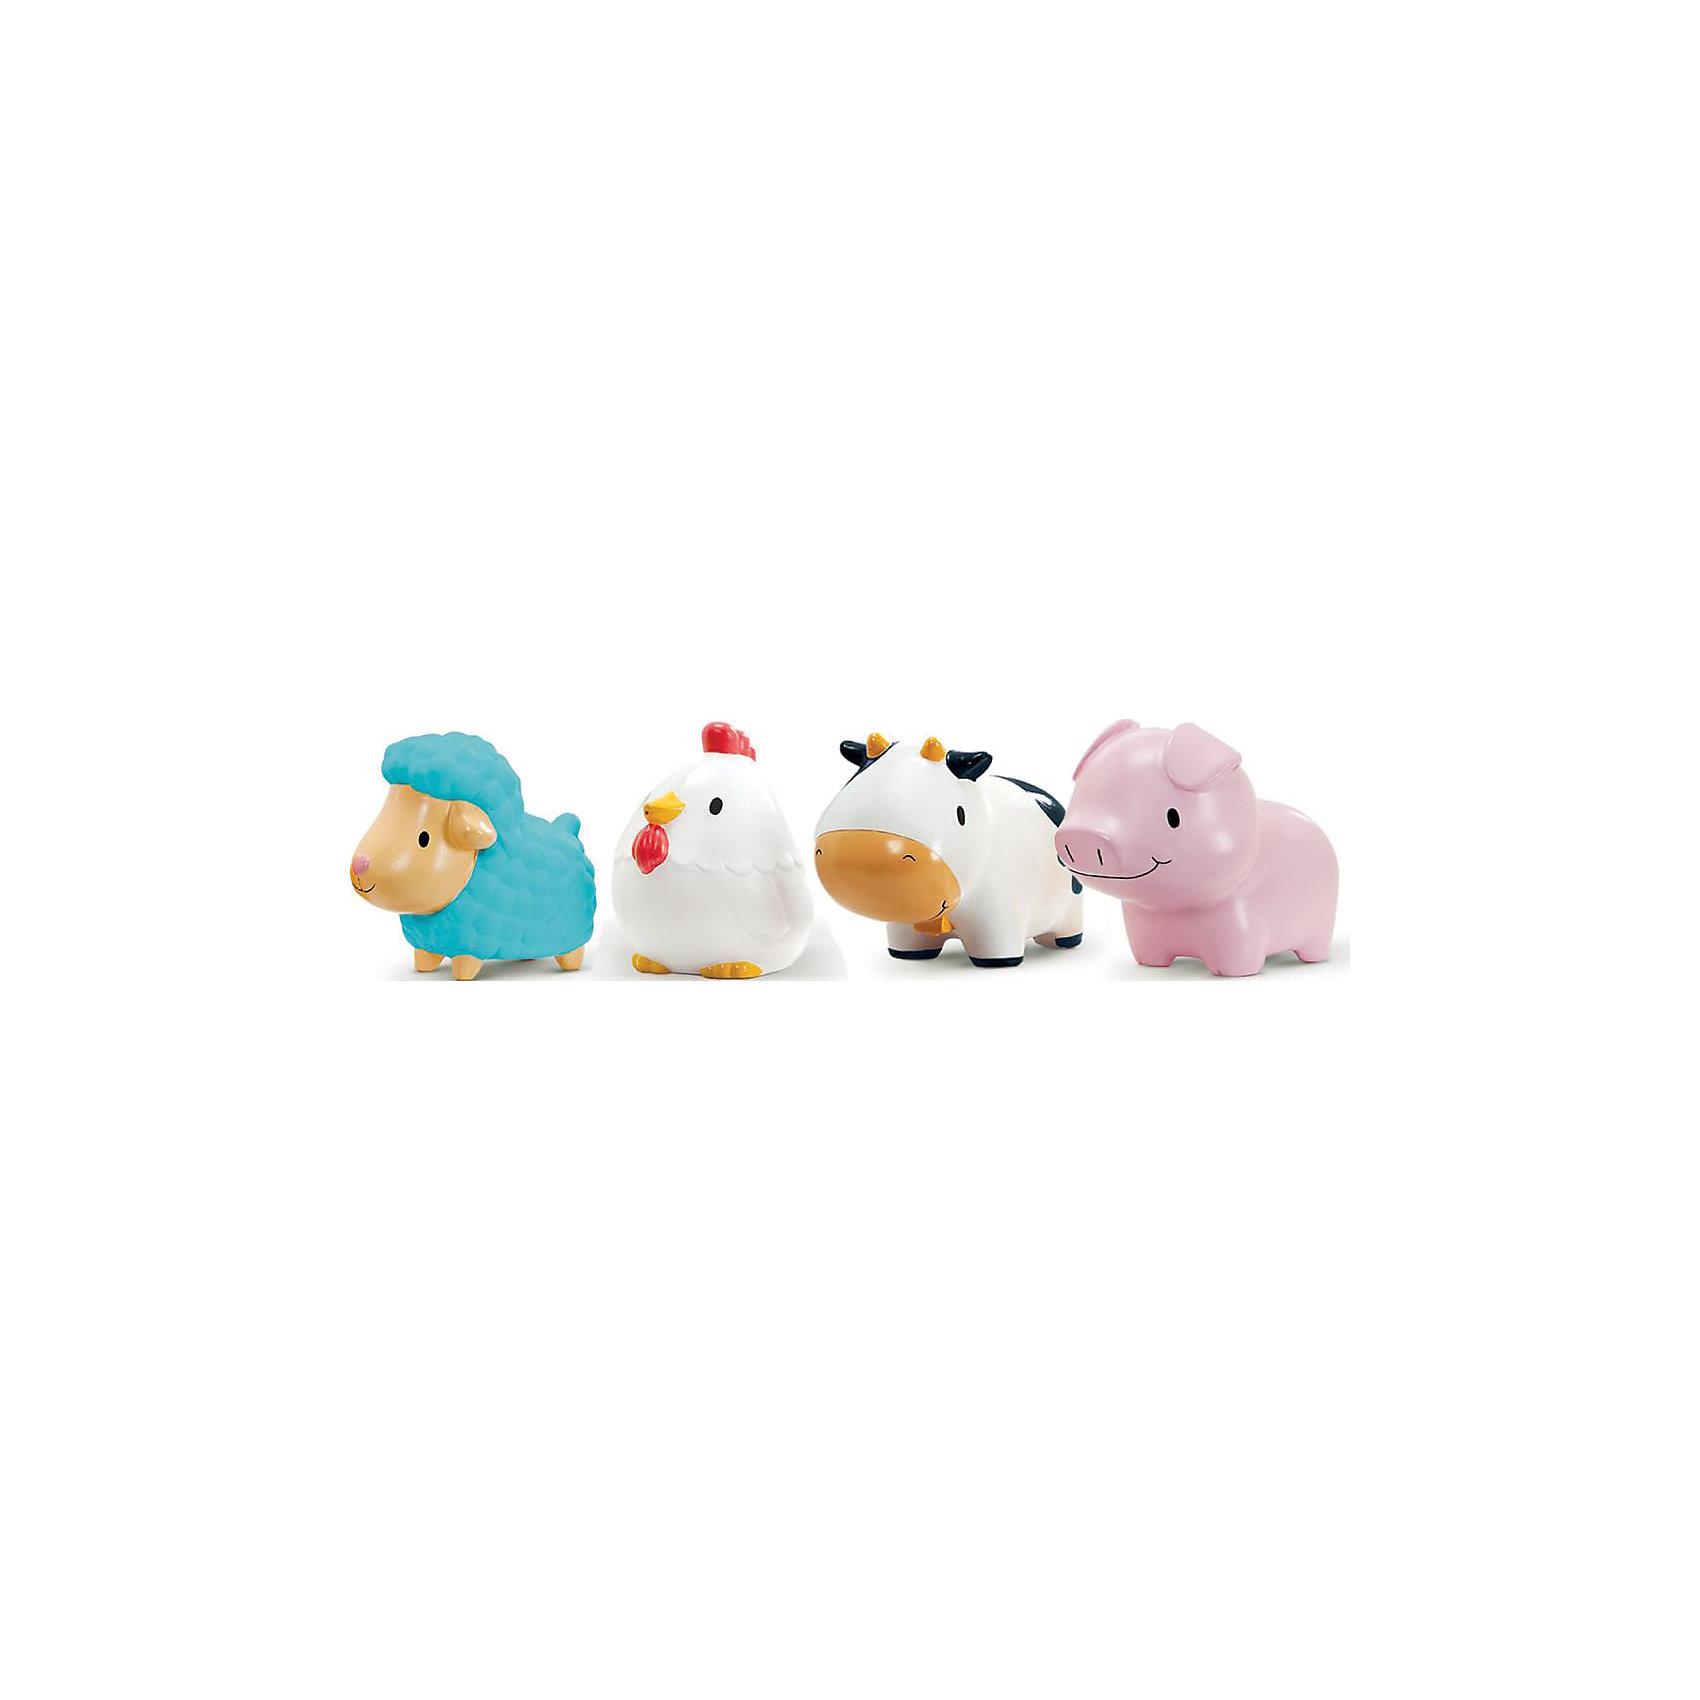 munchkin Игрушка для ванны деревенские зверюшки 9+ 4шт, Munchkin игрушки для ванны munchkin игрушка для ванны деревенские зверюшки